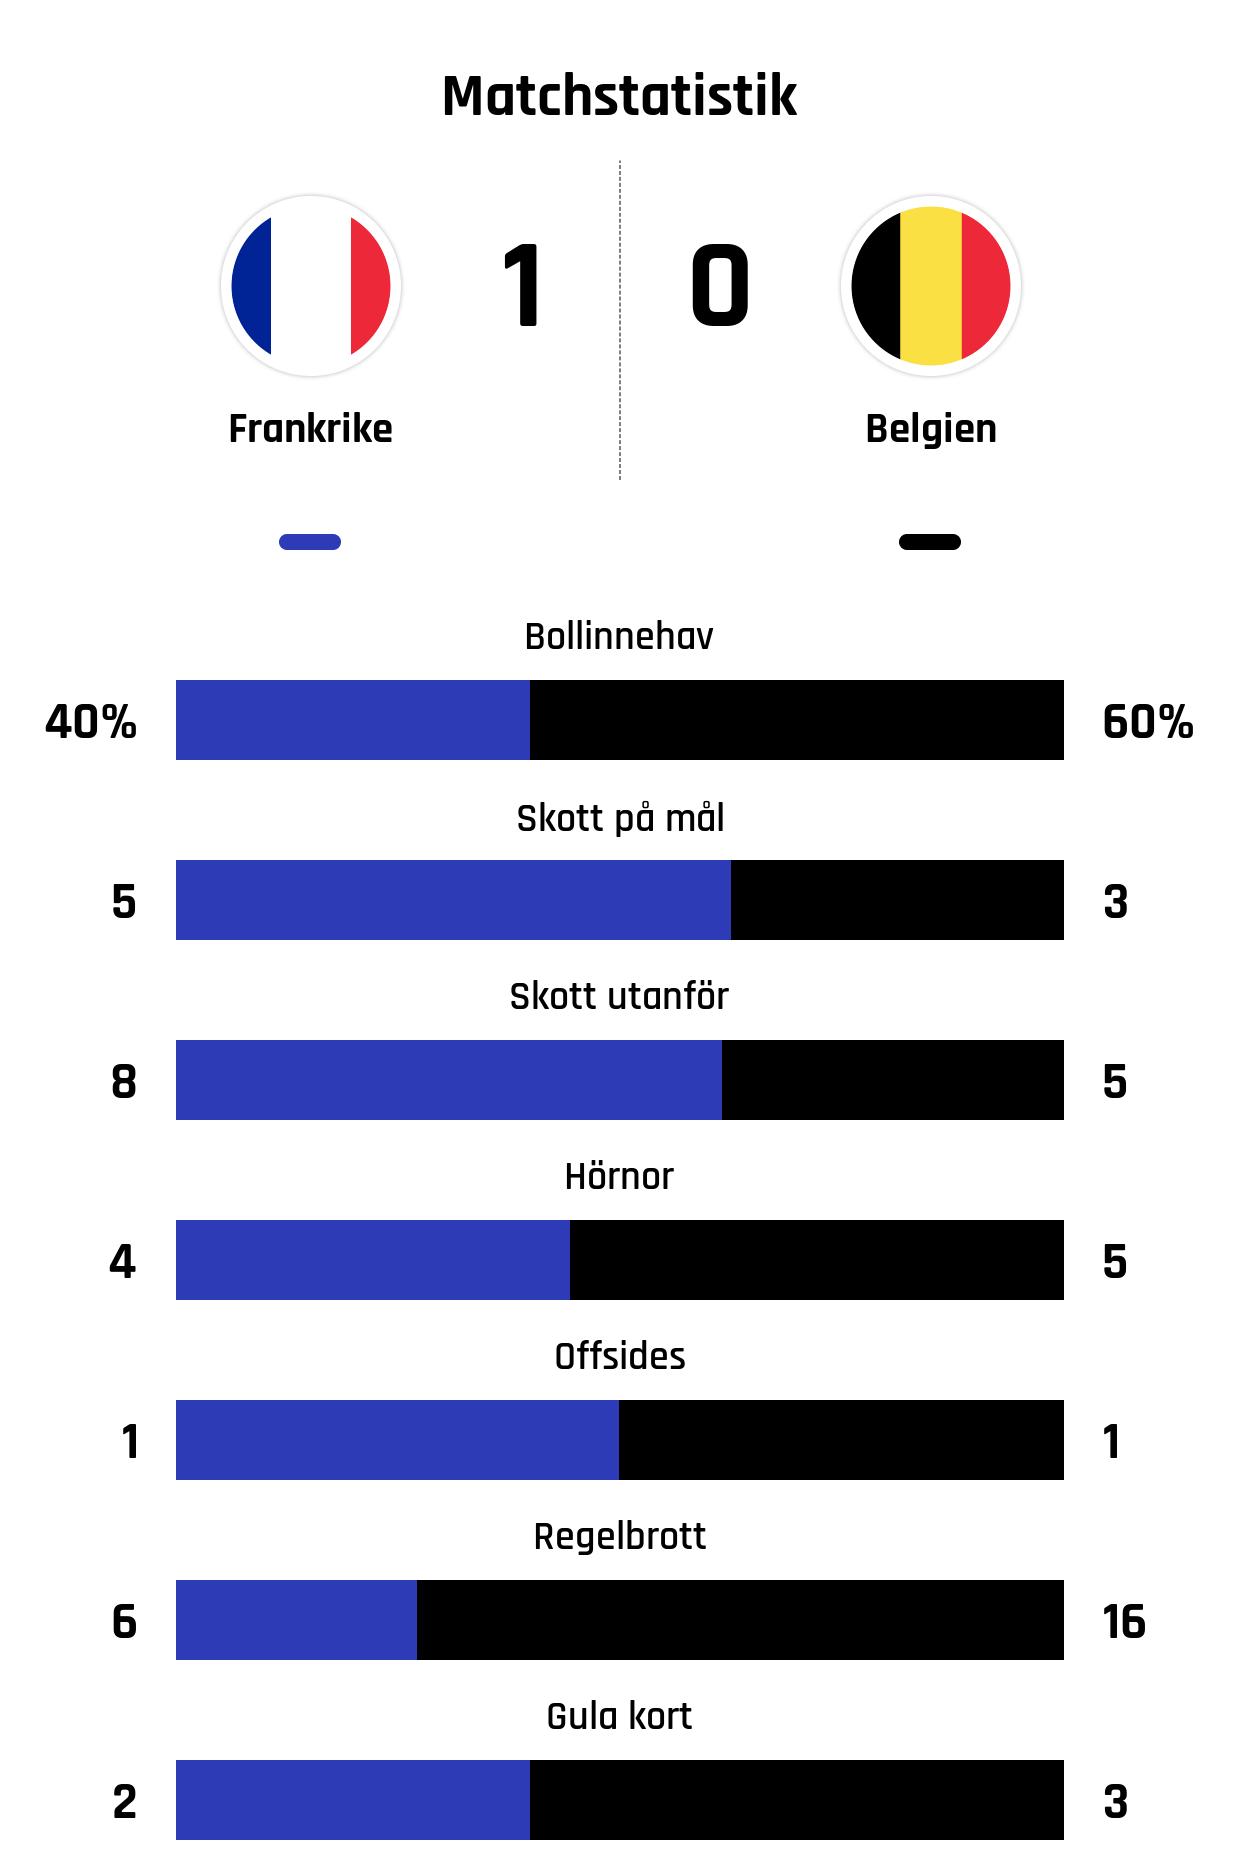 Bollinnehav 40%-60%<br /> Skott på mål 5-3<br /> Skott utanför 8-5<br /> Hörnor 4-5<br /> Offsides 1-1<br /> Regelbrott 6-16<br /> Gula kort 2-3